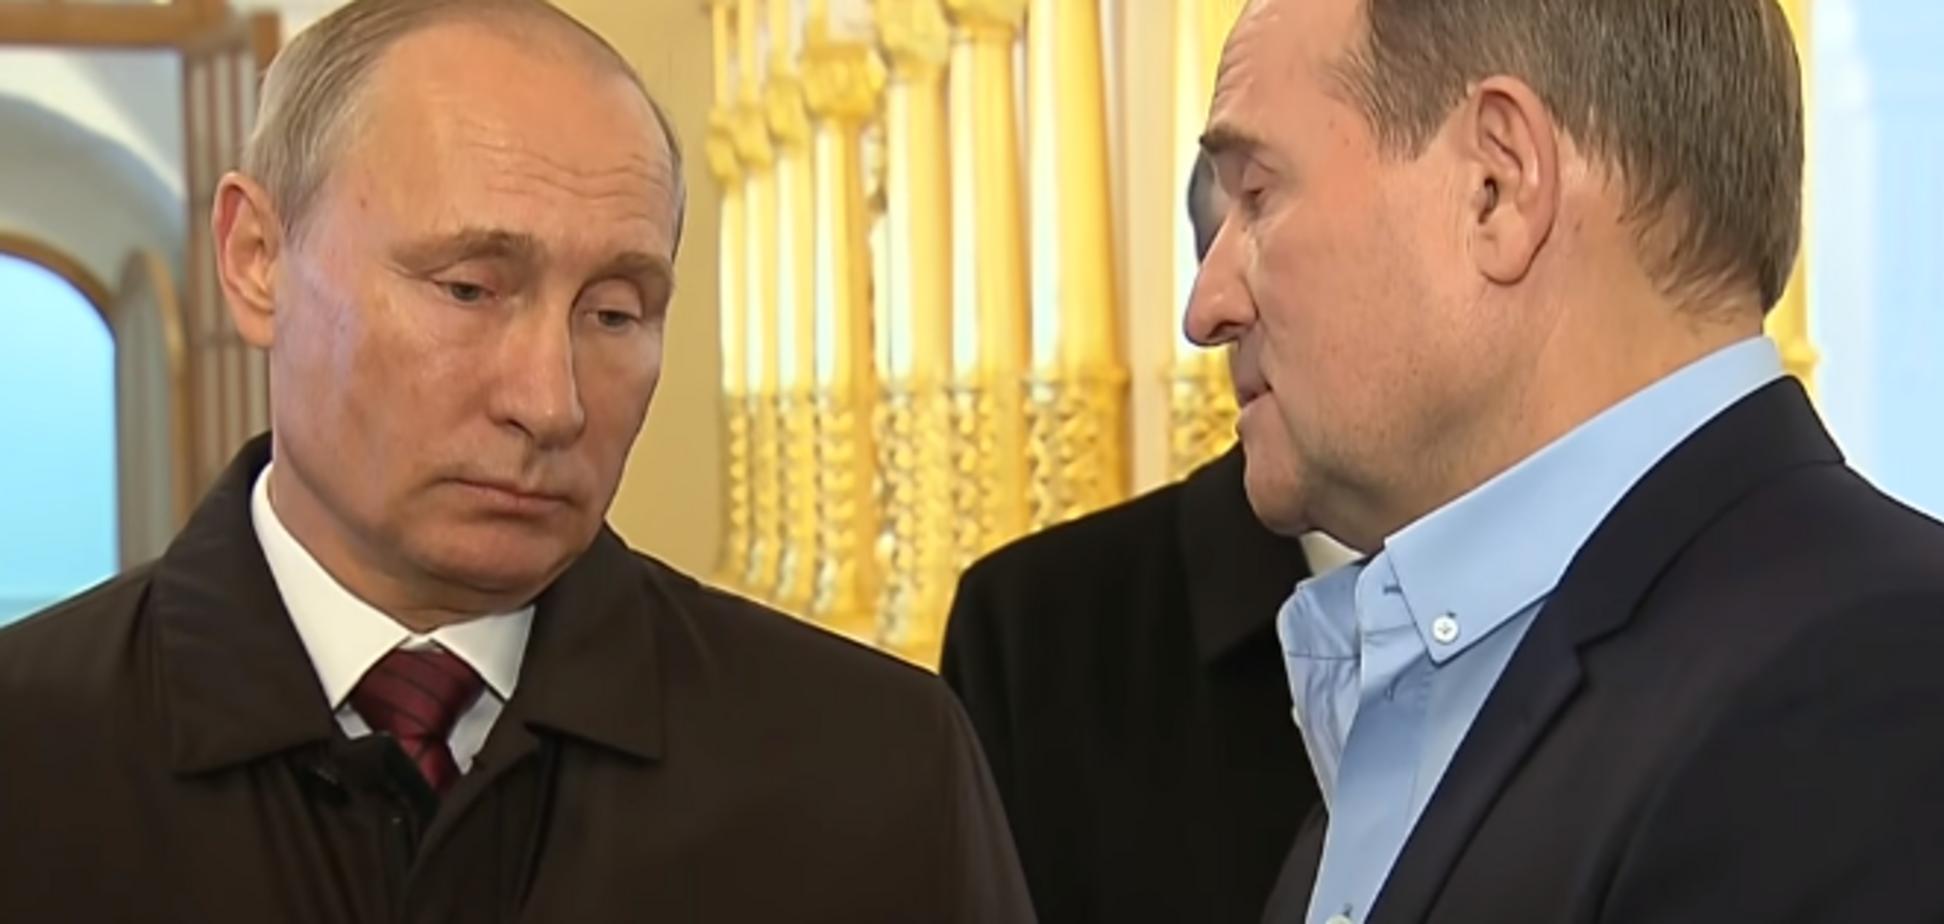 В присутствии патриарха: появилось видео встречи Медведчука и Путина